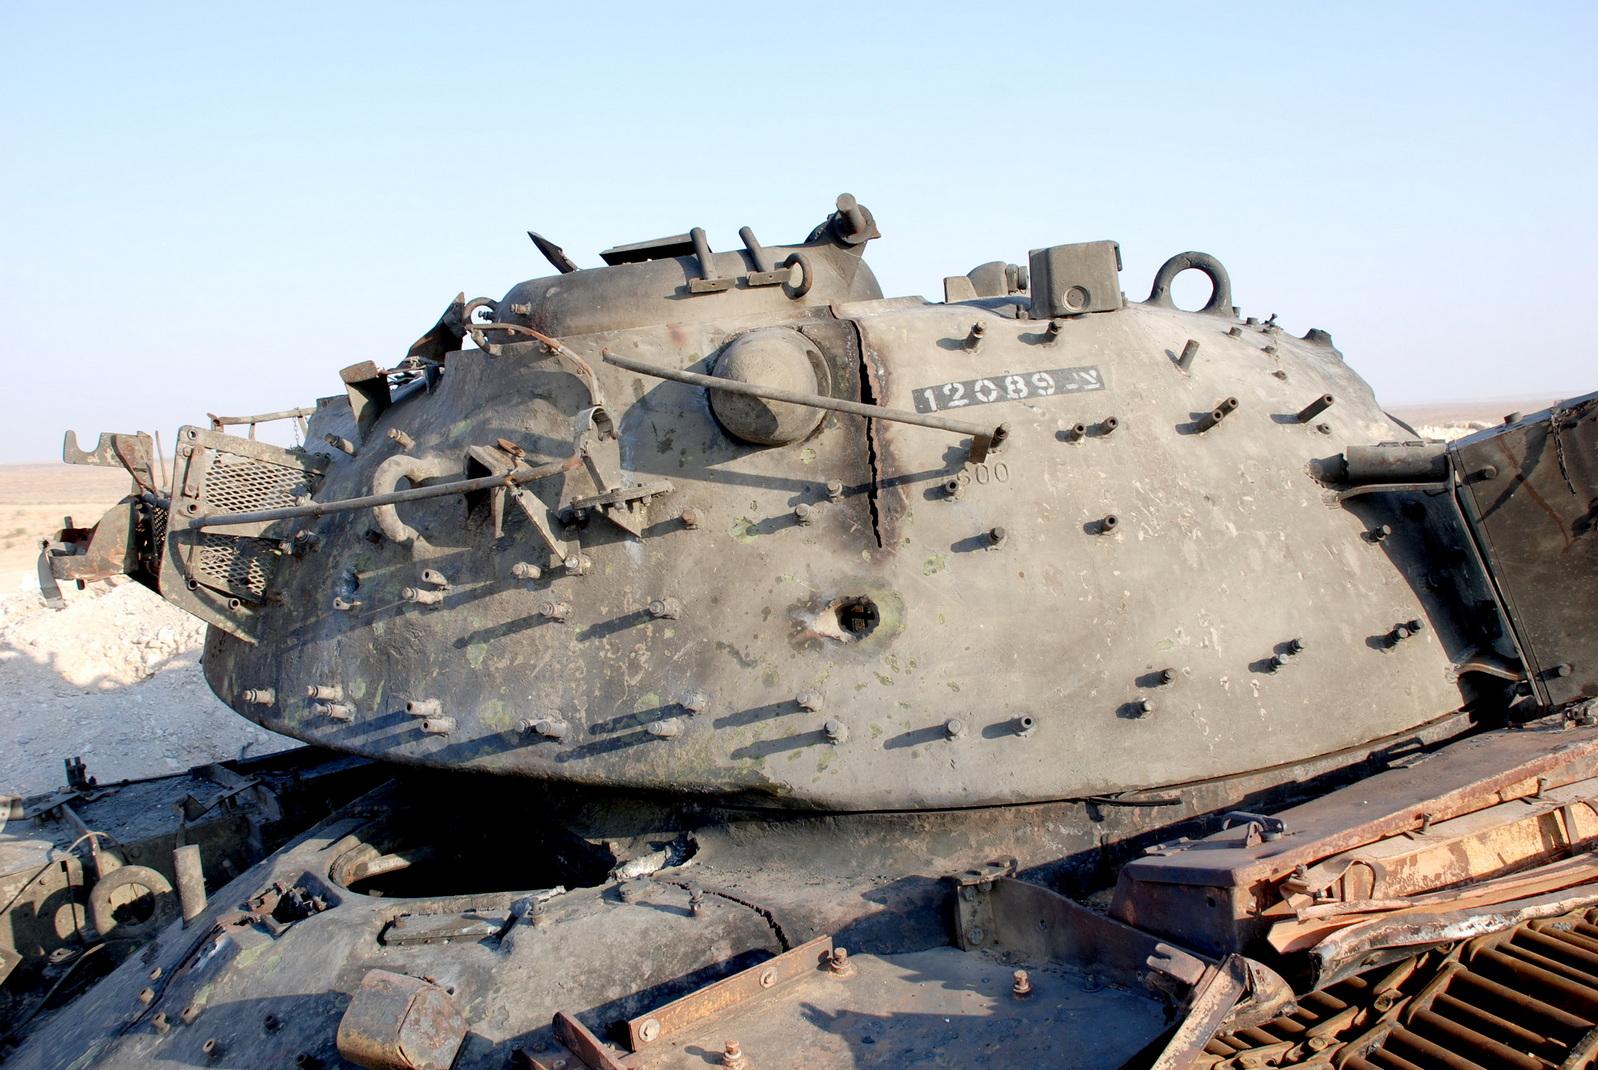 טנק מטרה לאימון - מגח 3 - בליסטיקה סופית. צילום: מיכאל מס